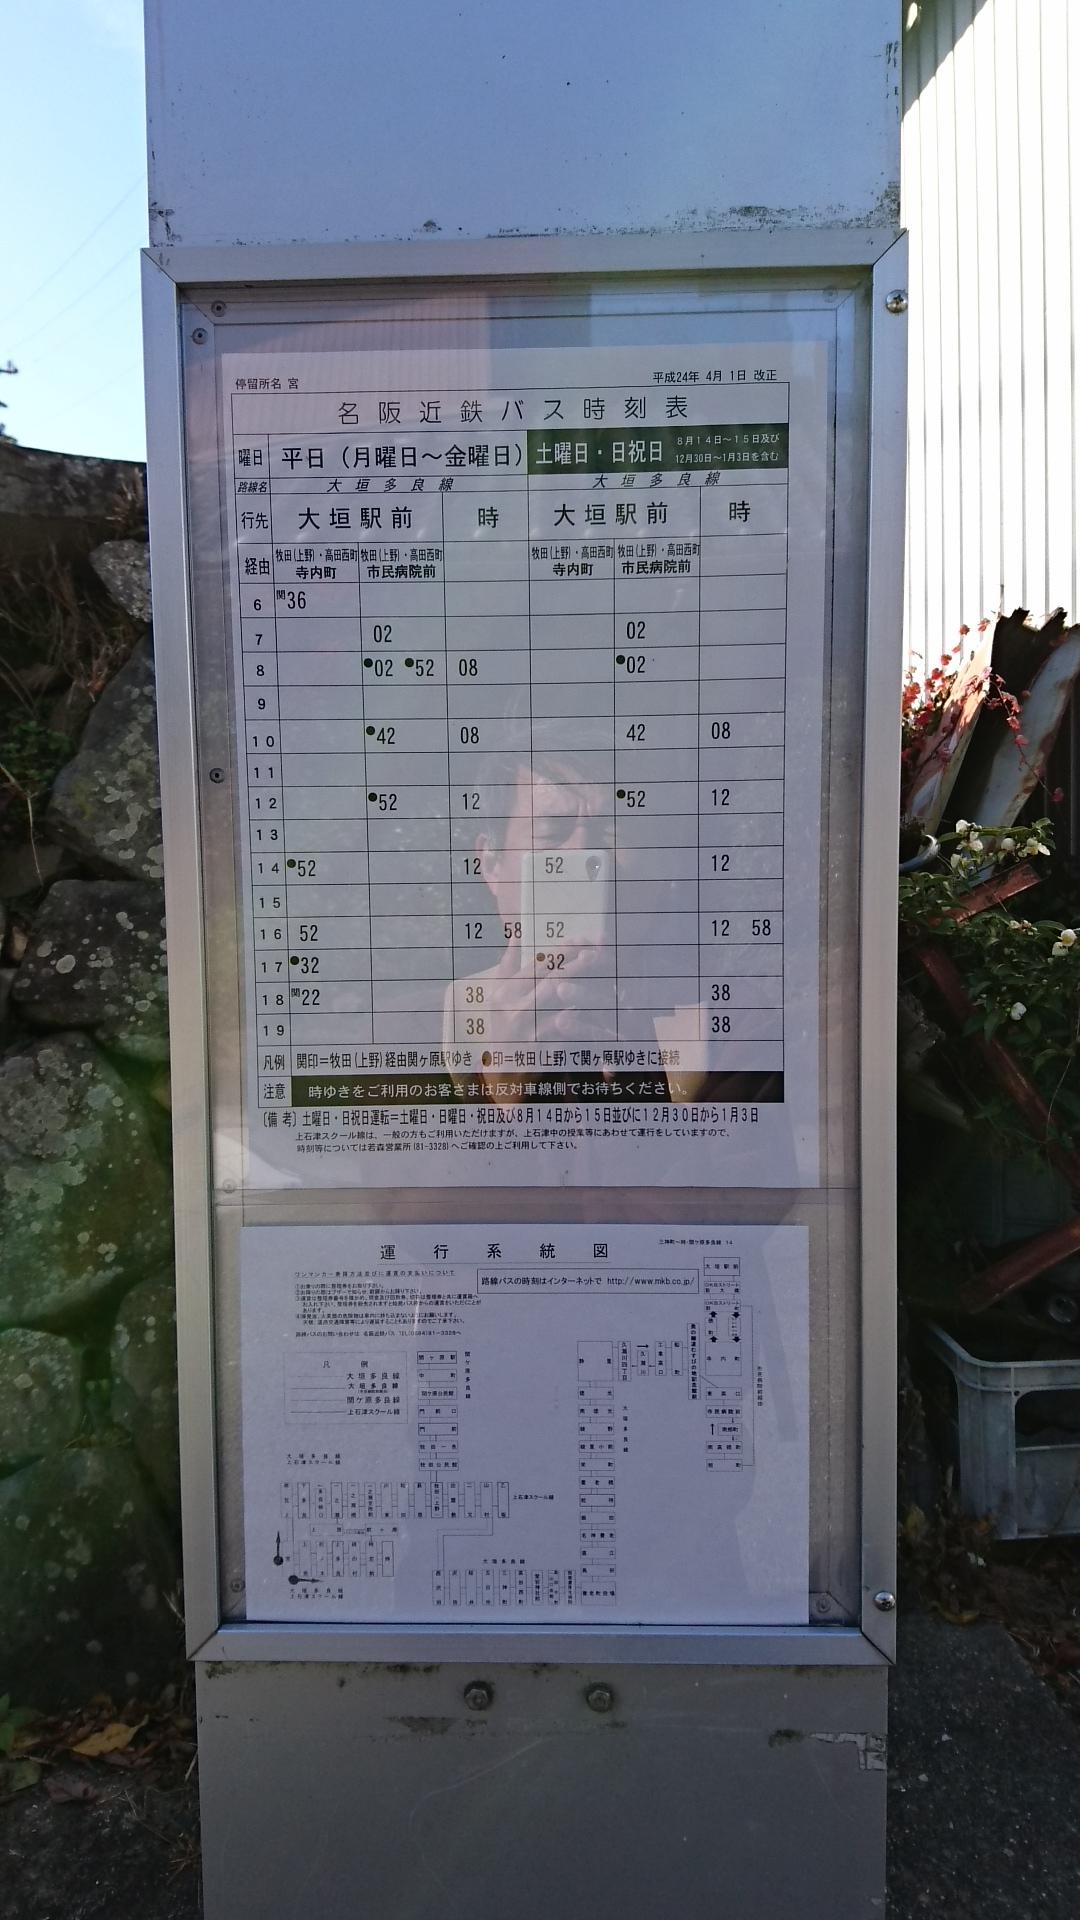 2016.11.16 上石津 (56) 宮 - 宮バス停 - 時刻表